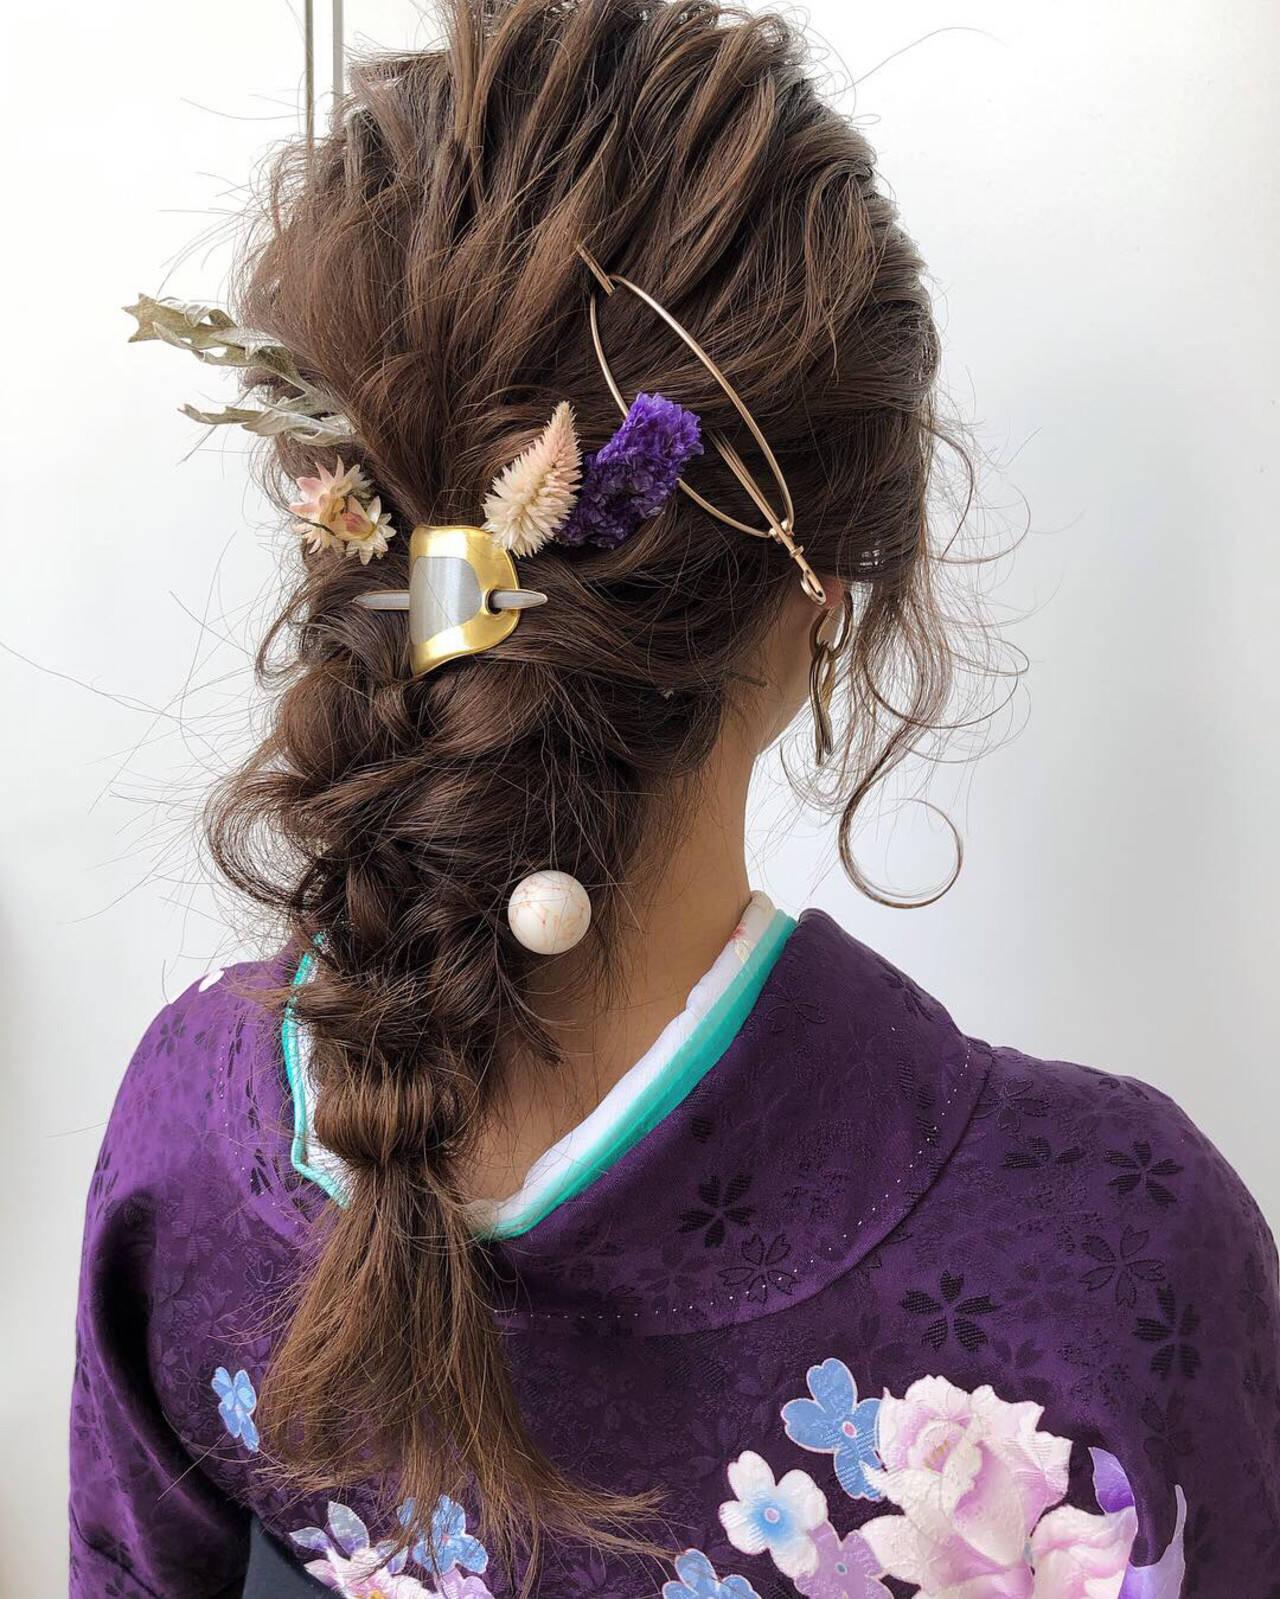 アンニュイほつれヘア 卒業式 簡単ヘアアレンジ セミロングヘアスタイルや髪型の写真・画像